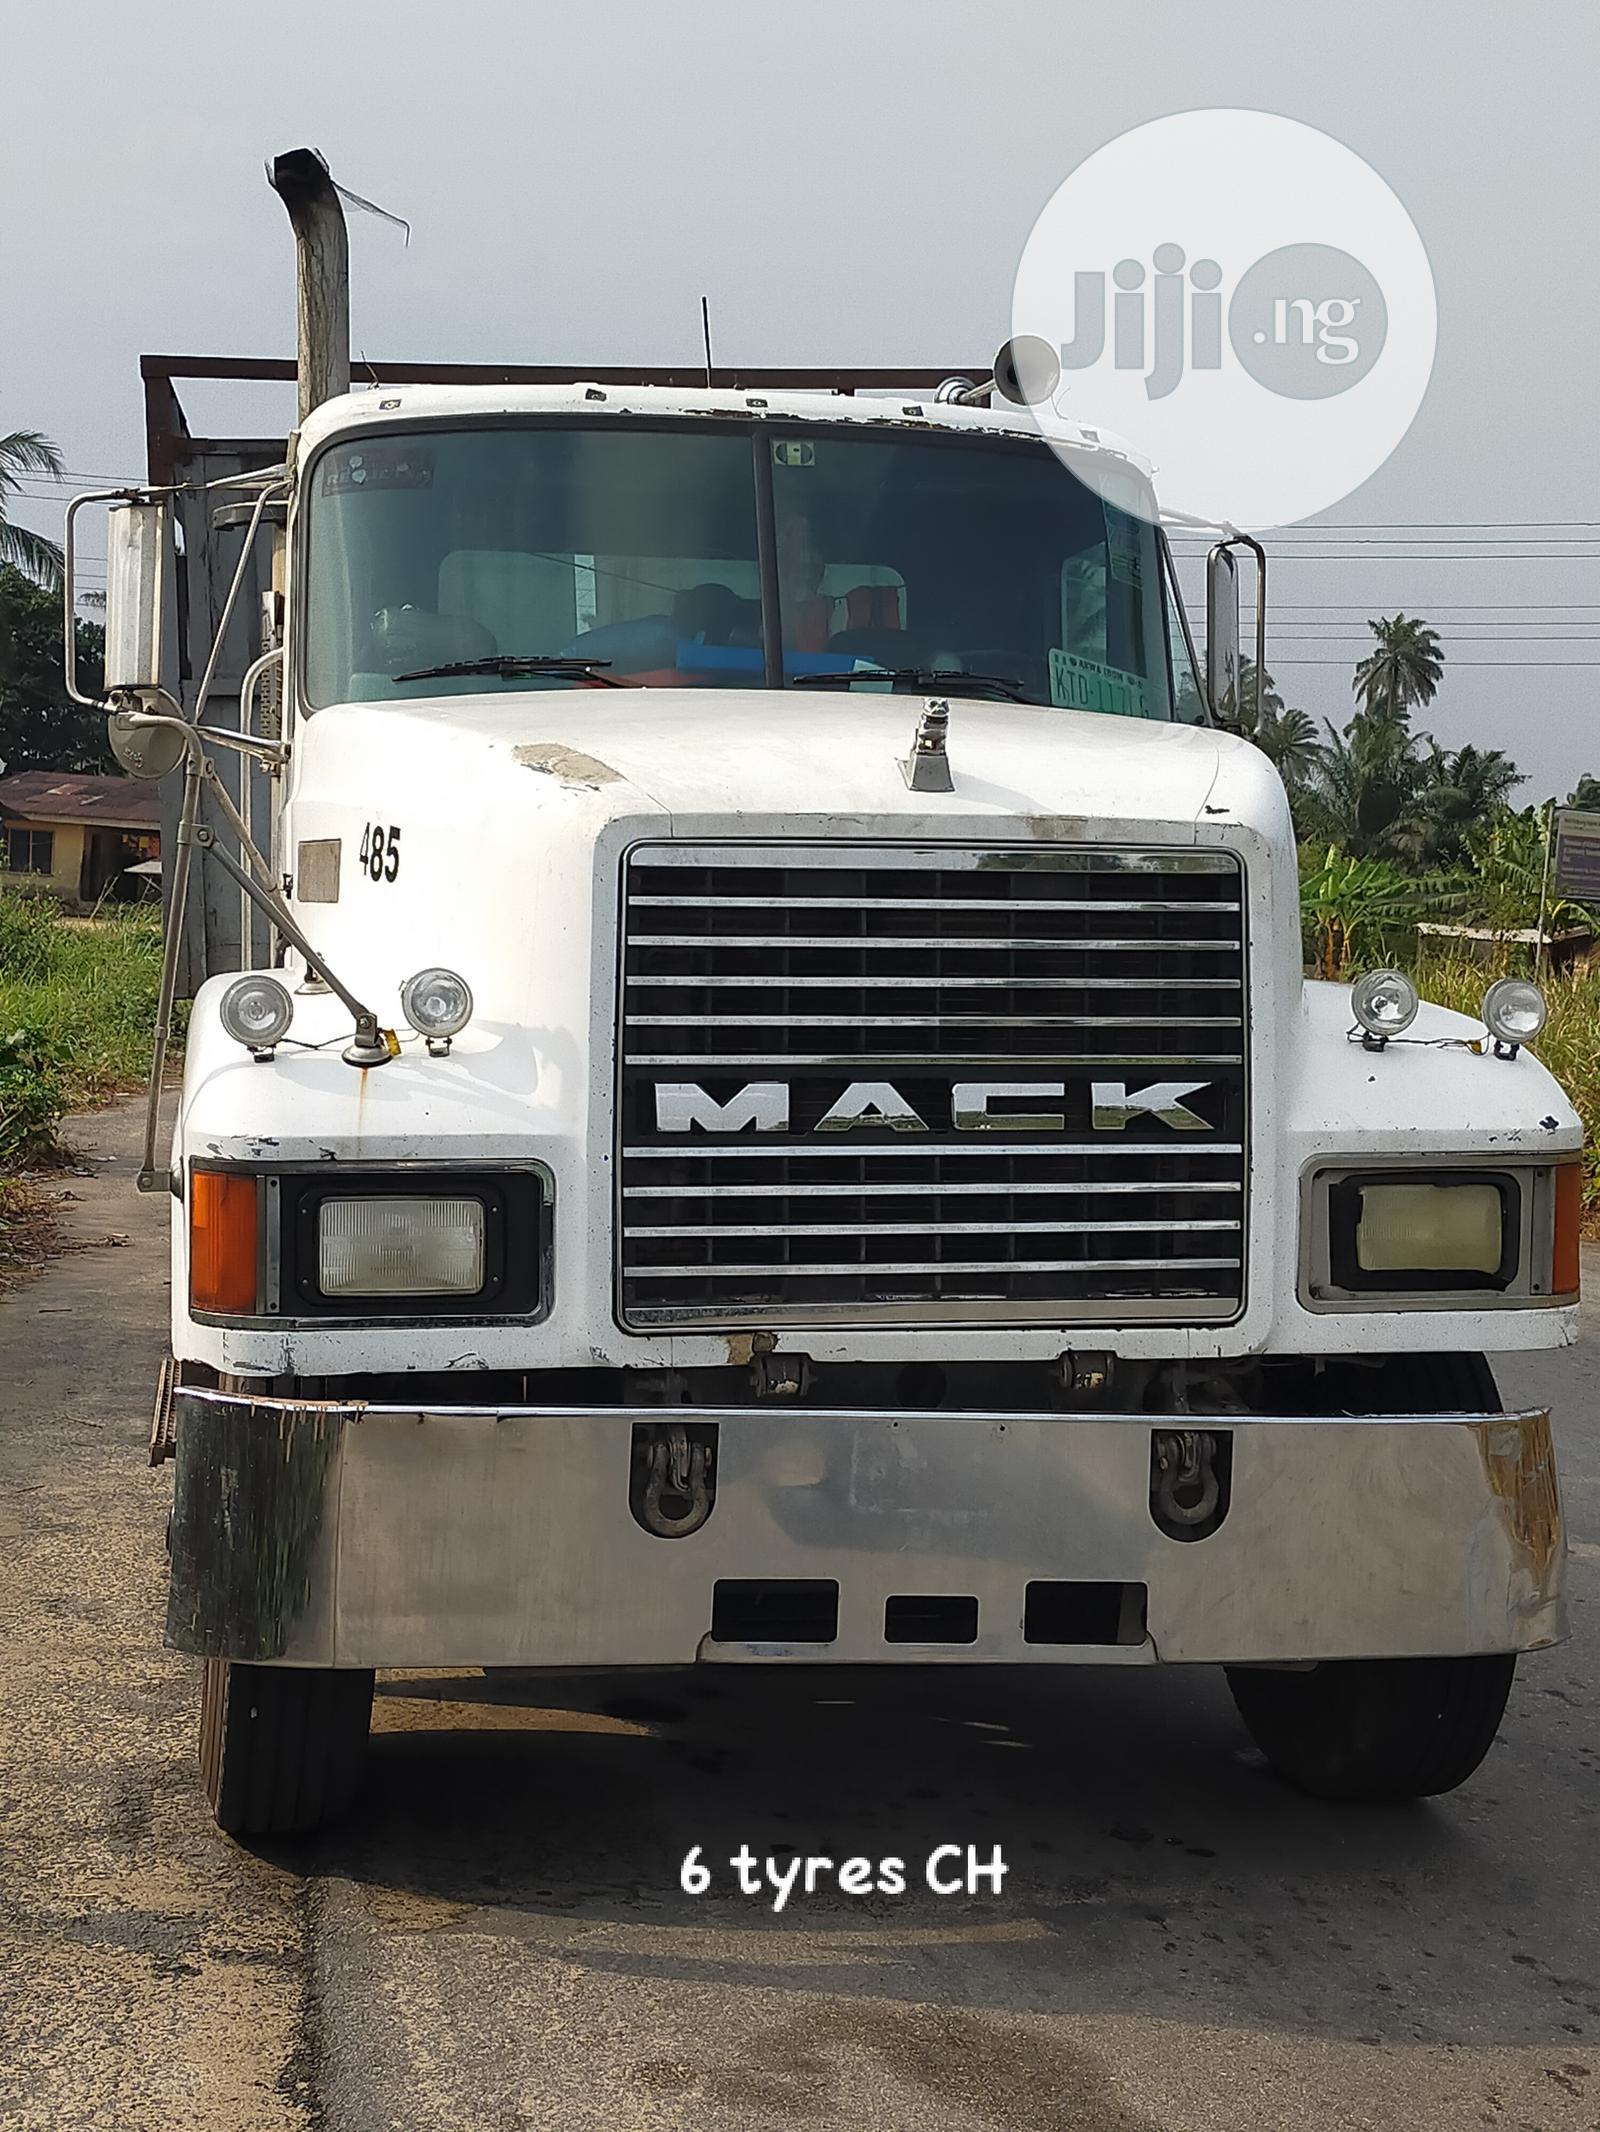 Mack CH Truck